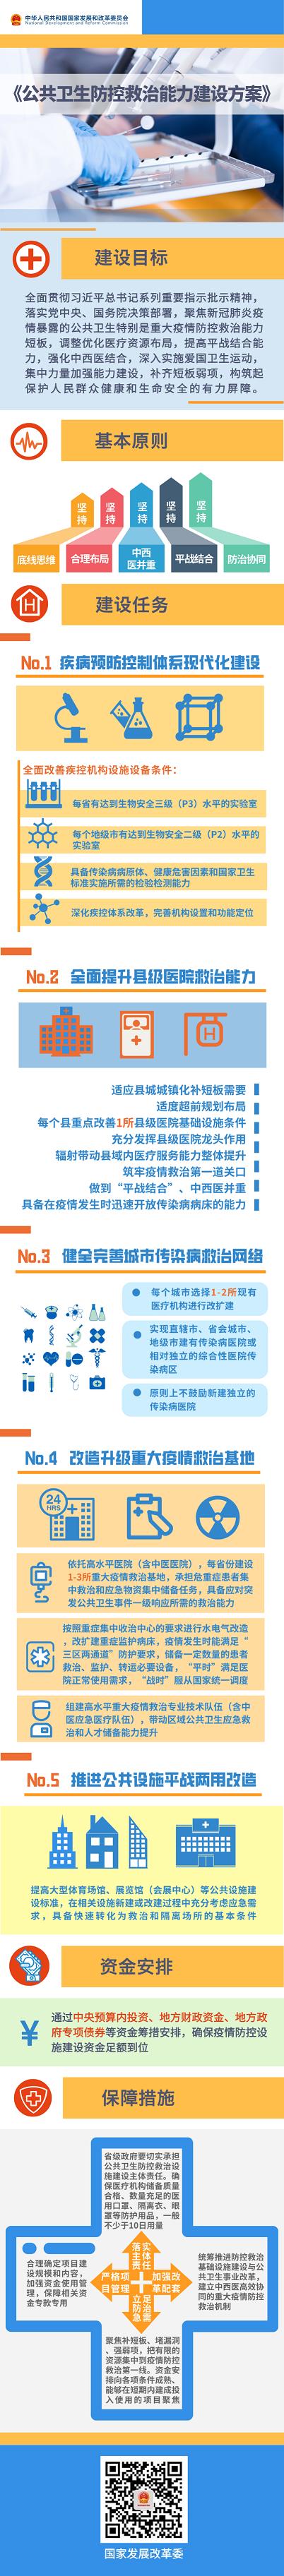 国家发展改革委等3部门发布《公共卫生防控救治能力建设方案》